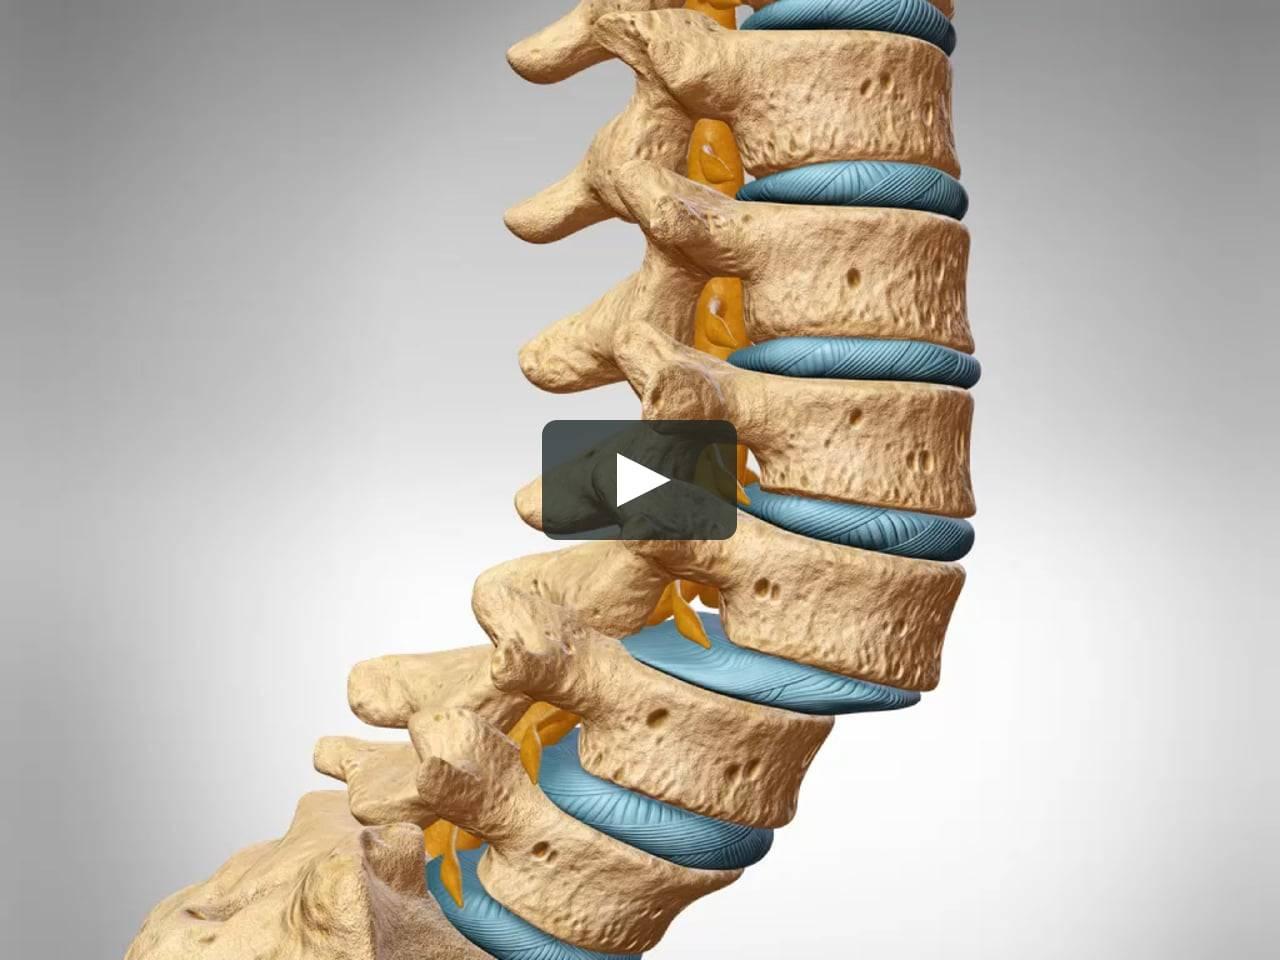 Околосуставной остеопороз: причины появления, симптомы и способы лечения, прогноз